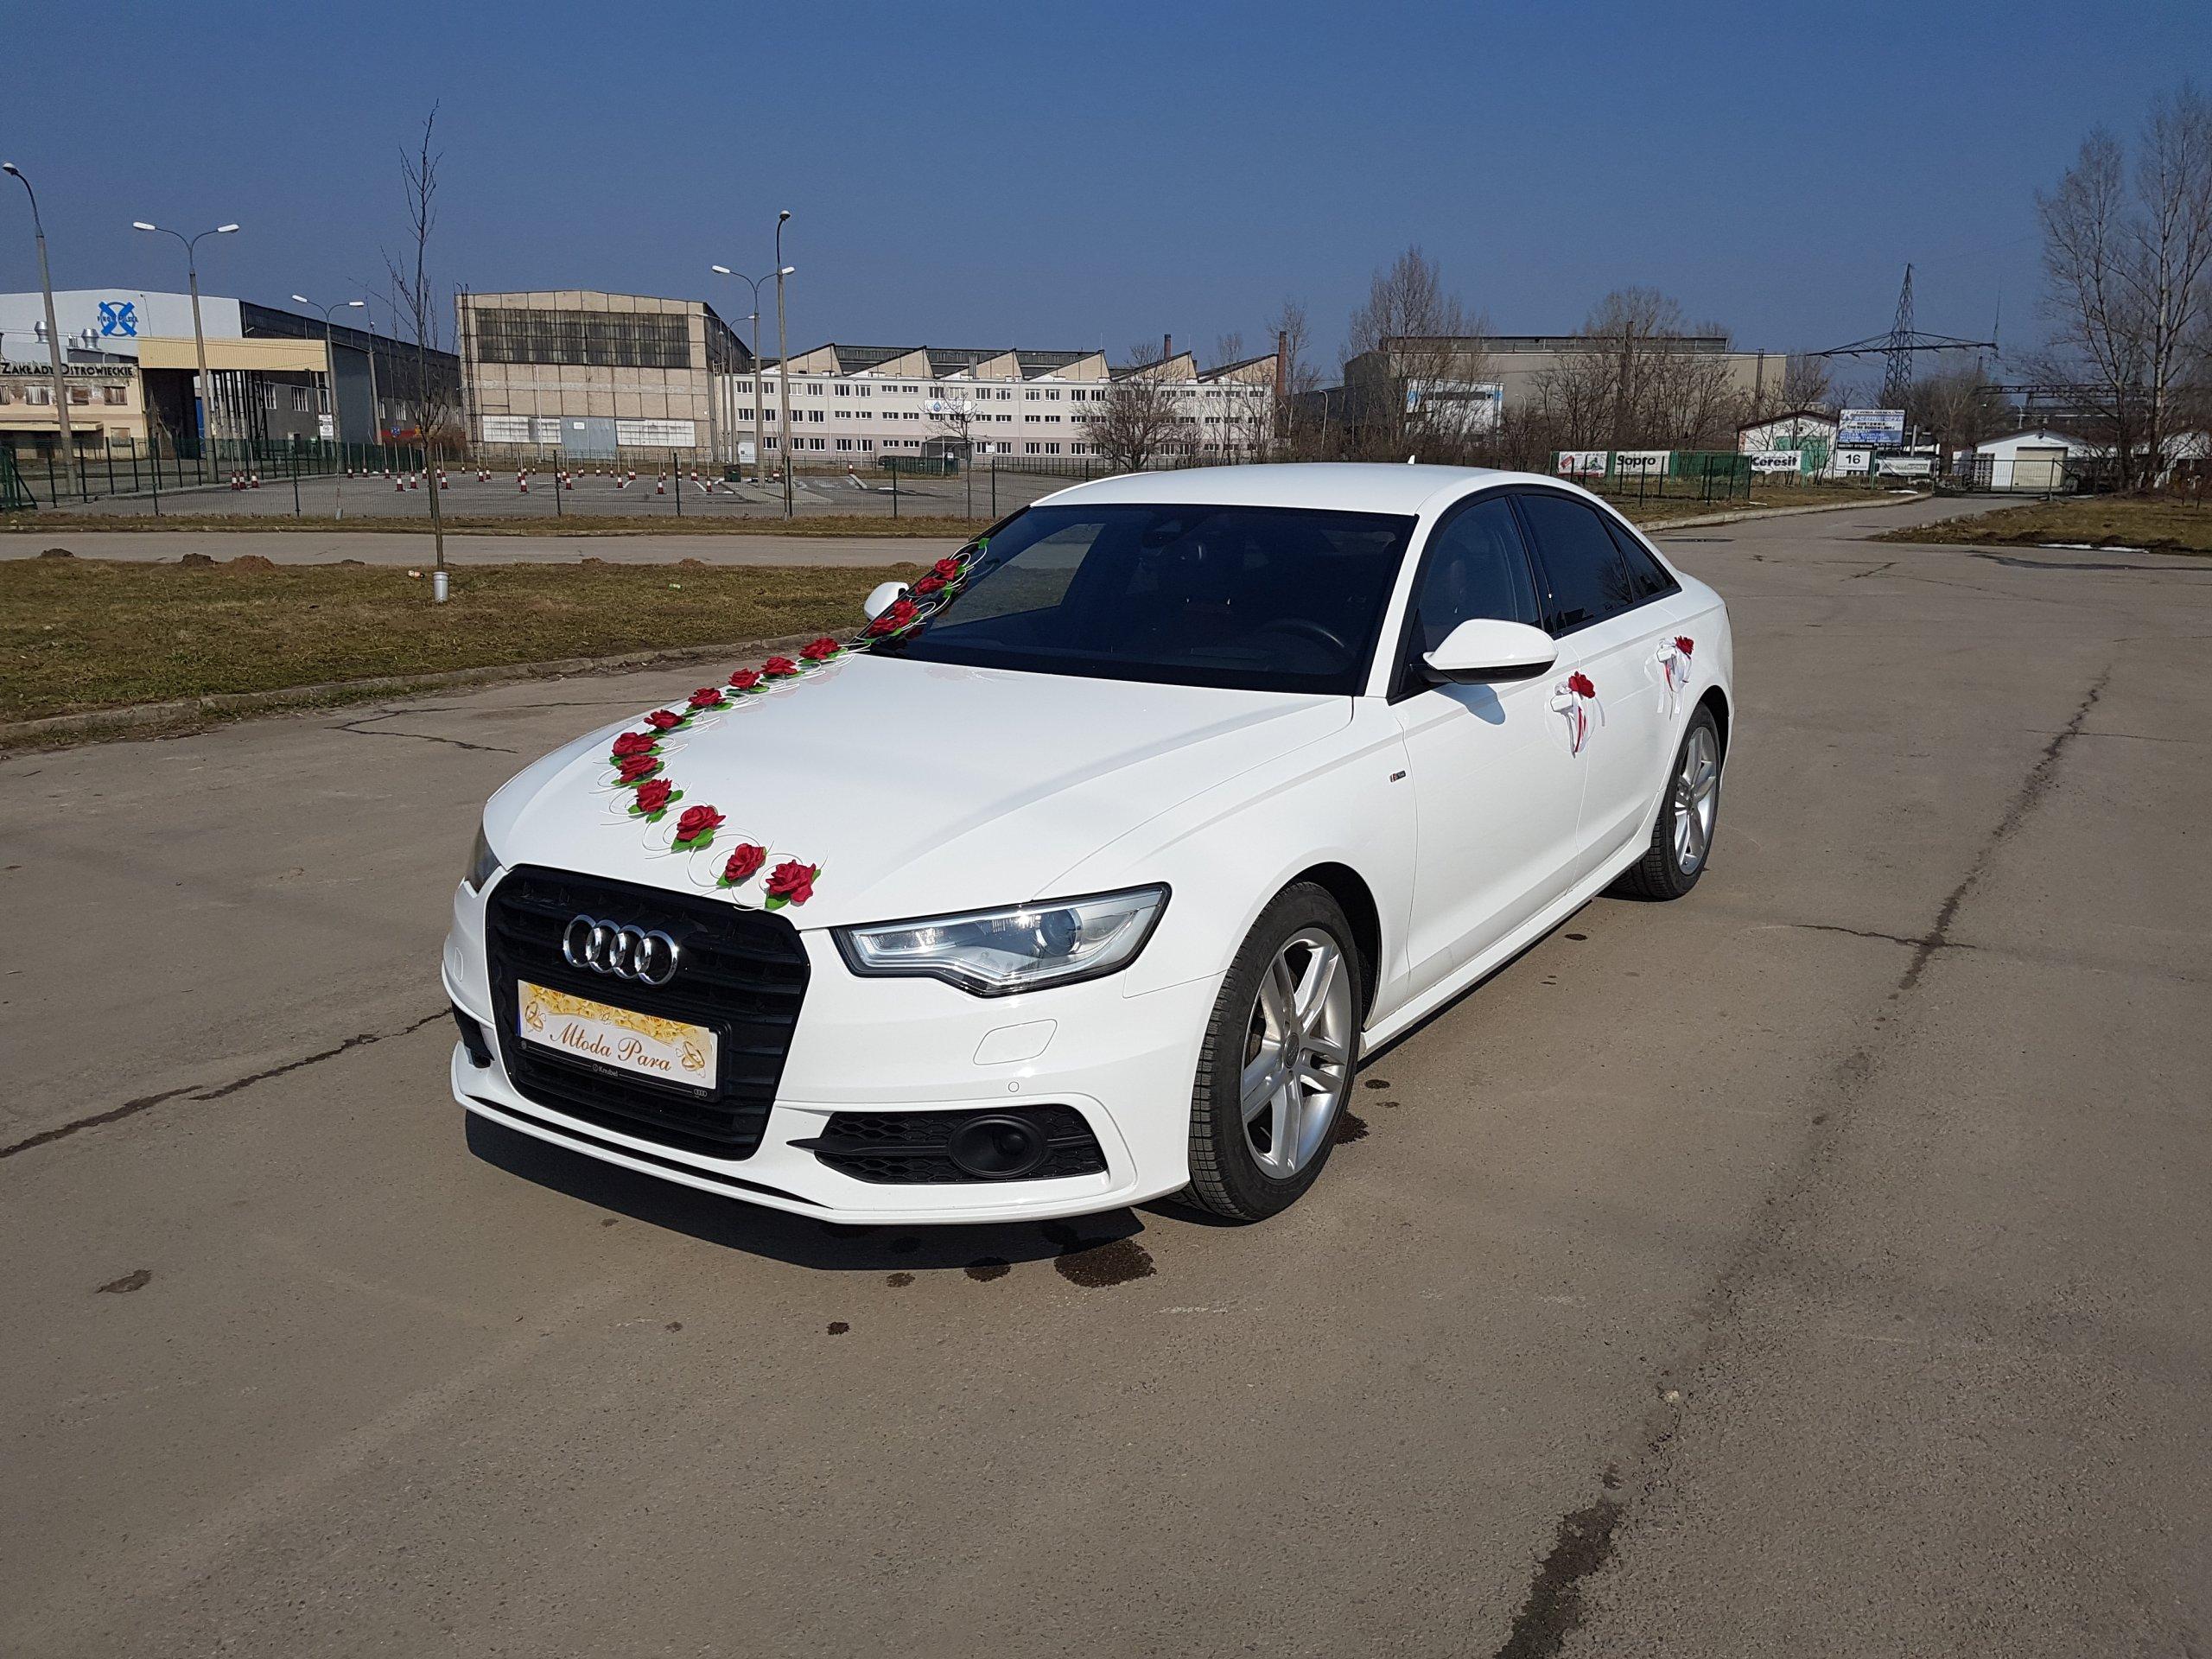 Najnowsze AUTO SAMOCHÓD ŚLUBNY AUDI A6 do ŚLUBU - WYNAJEM - 7255022185 VG76